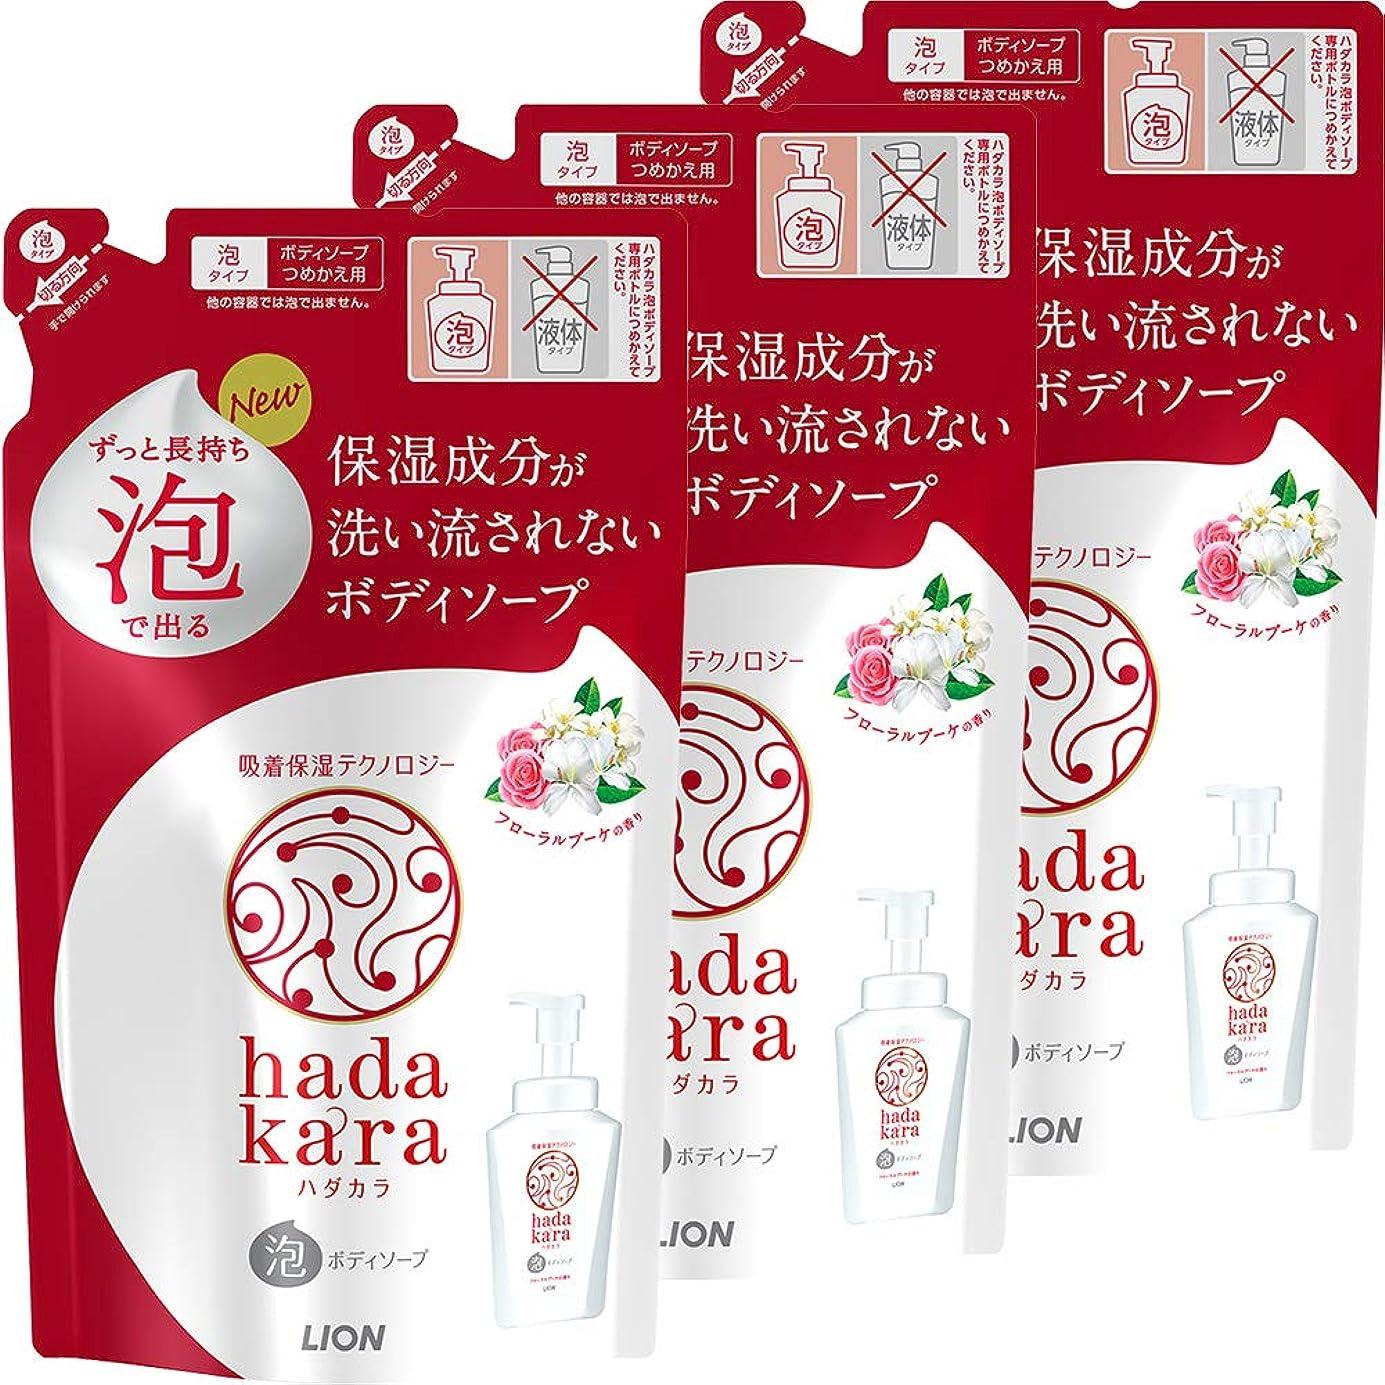 ループ犯人状況hadakara(ハダカラ) ボディソープ 泡タイプ フローラルブーケの香り 詰替440ml×3個